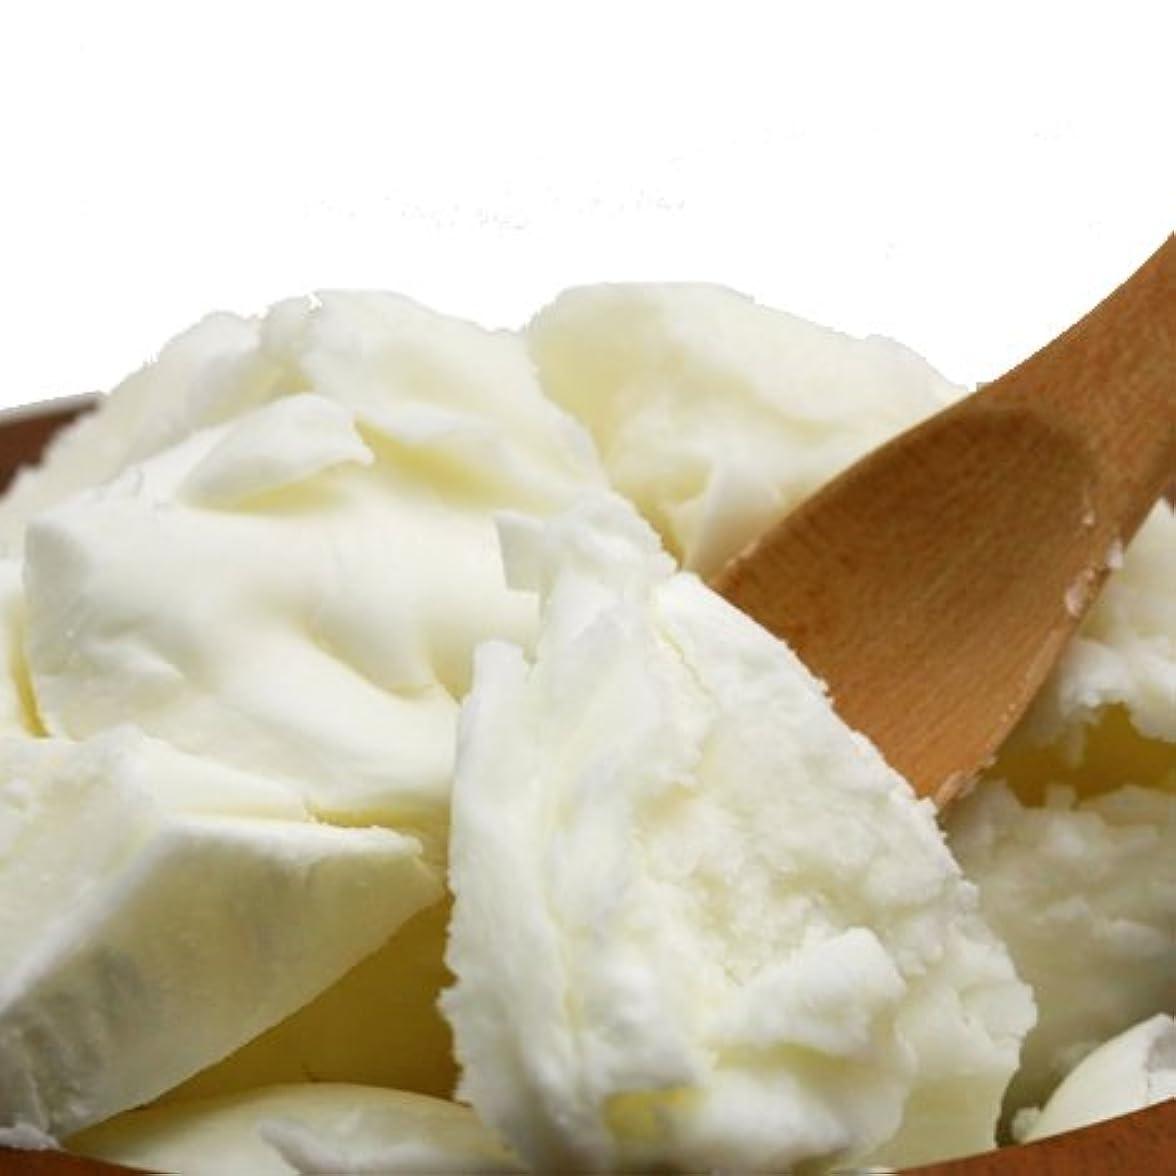 ヘルパー利用可能署名オーガニック 精製シアバター 100g シア脂 【手作り石鹸/手作りコスメ/手作り化粧品】